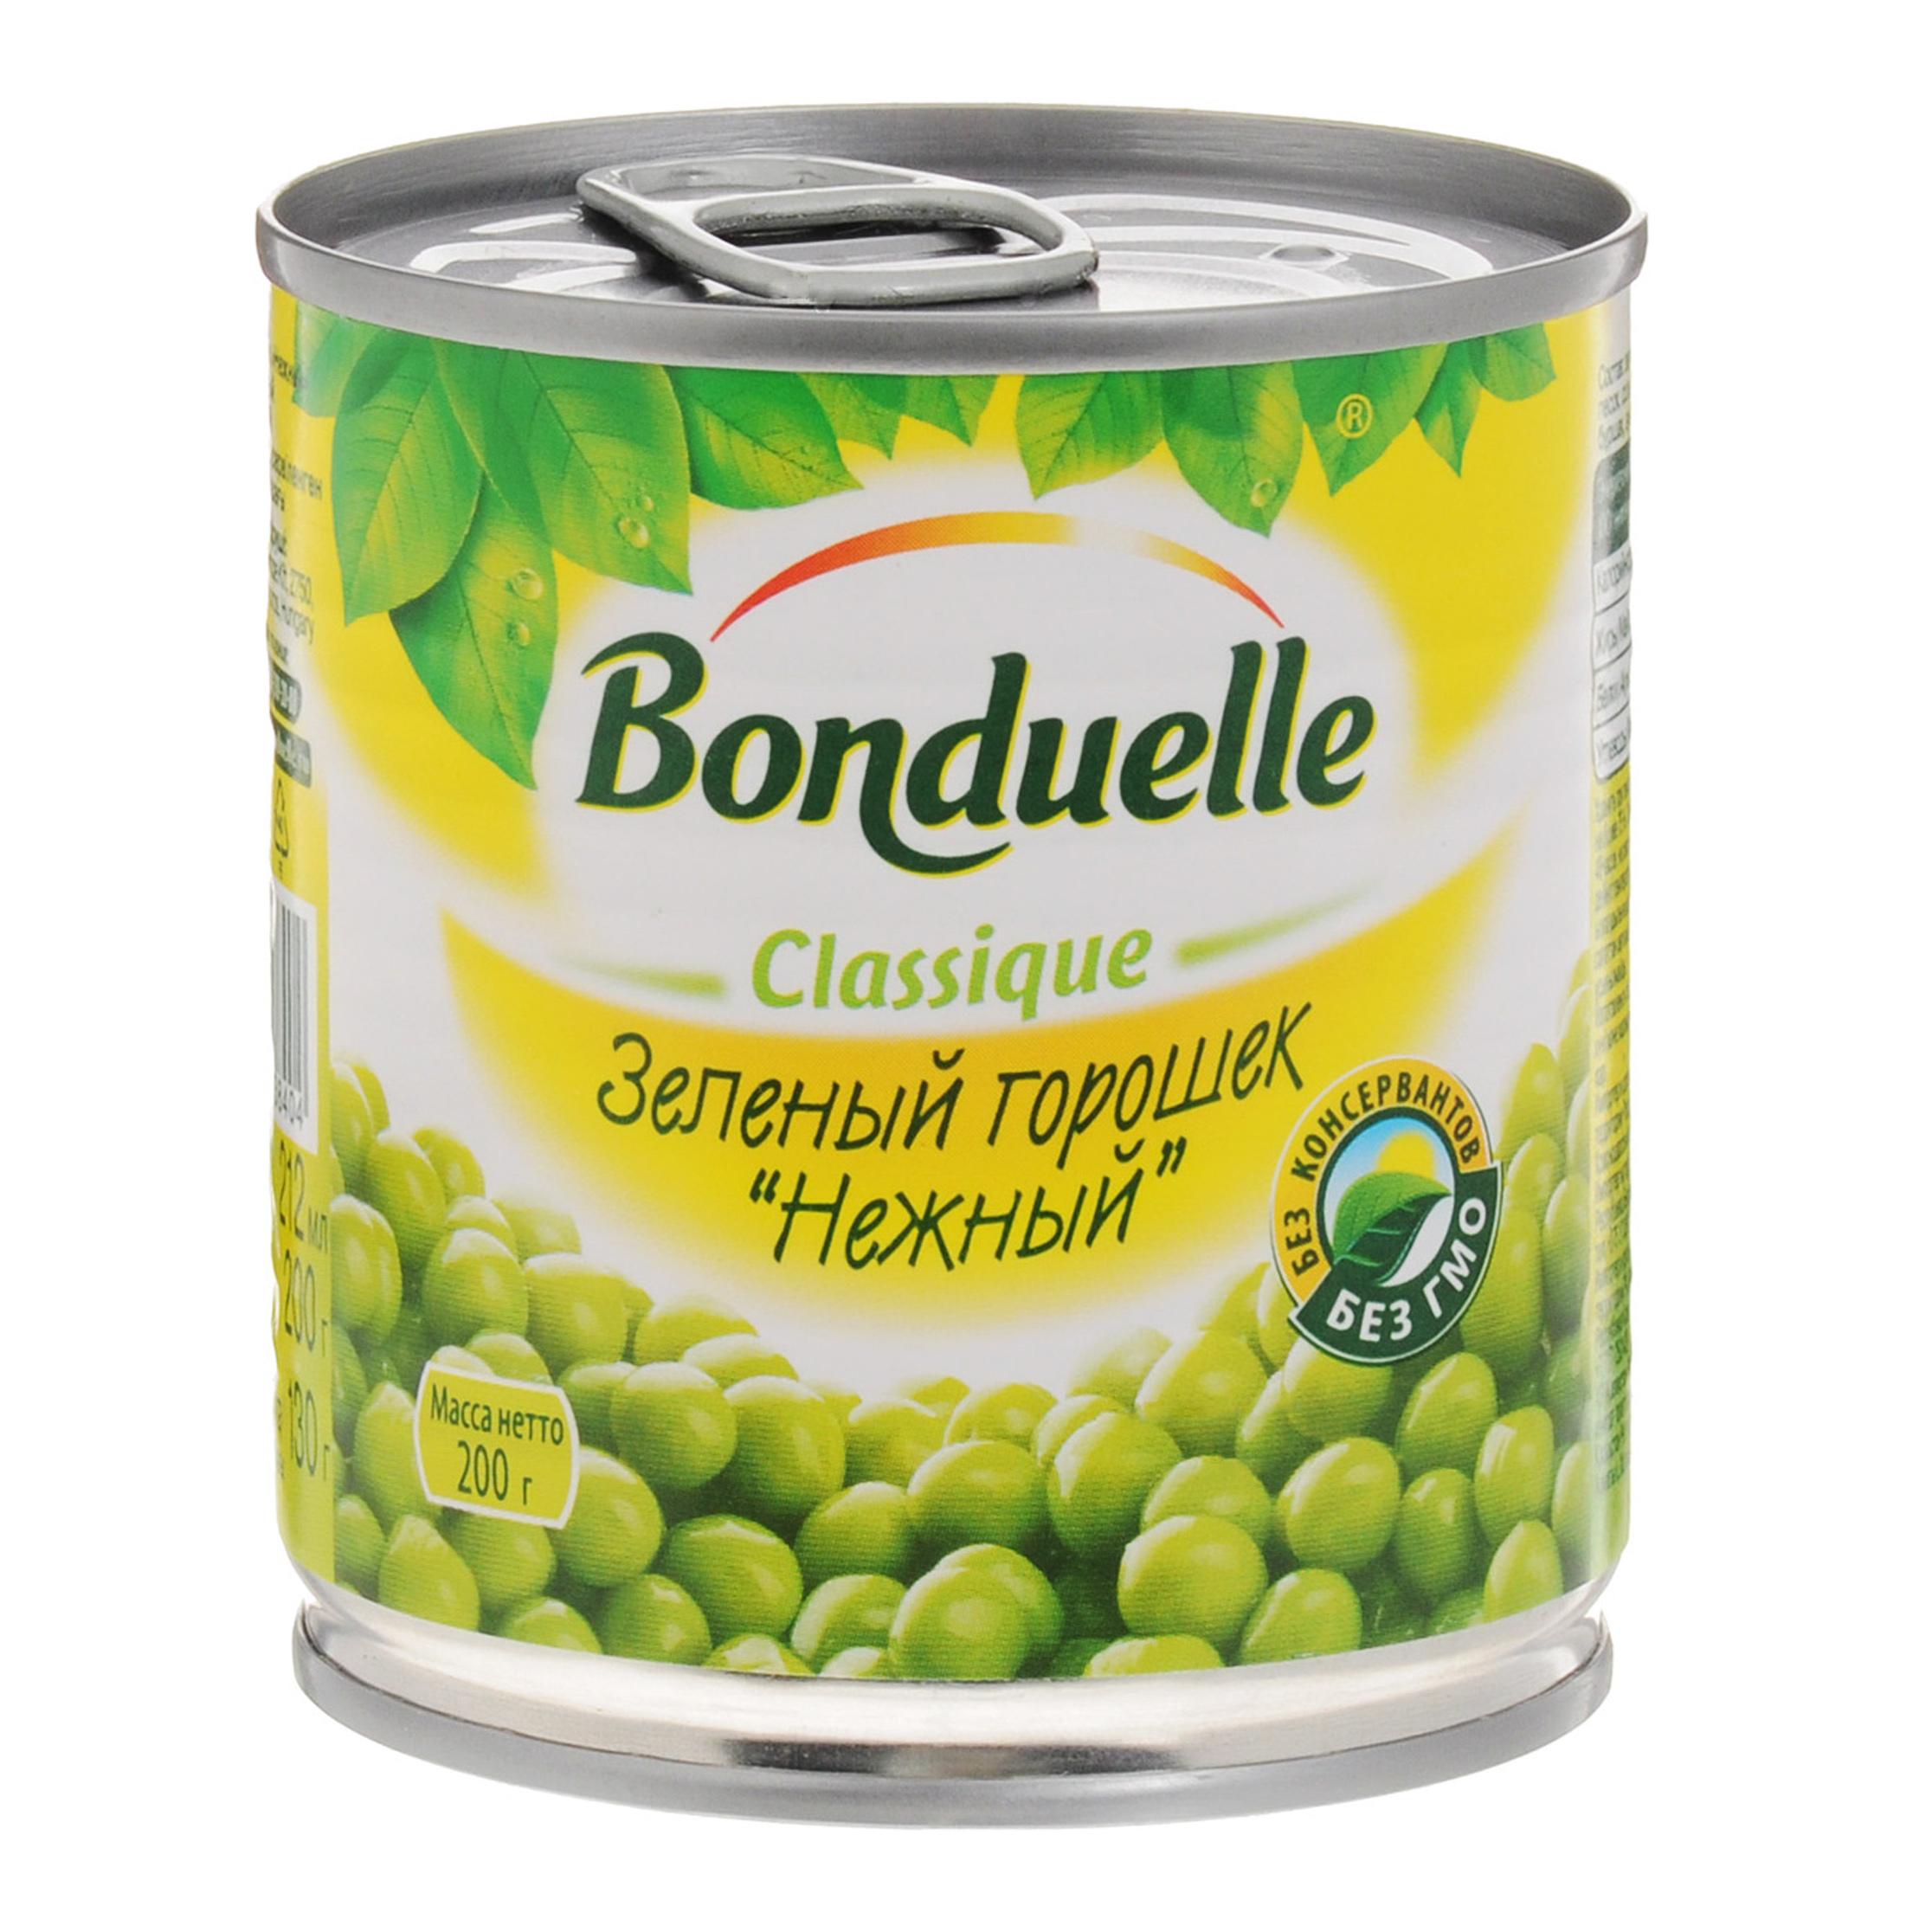 Горошек зеленый Bonduelle Нежный 200 г зеленый горошек bonduelle classique нежный стеклянная банка 530 г